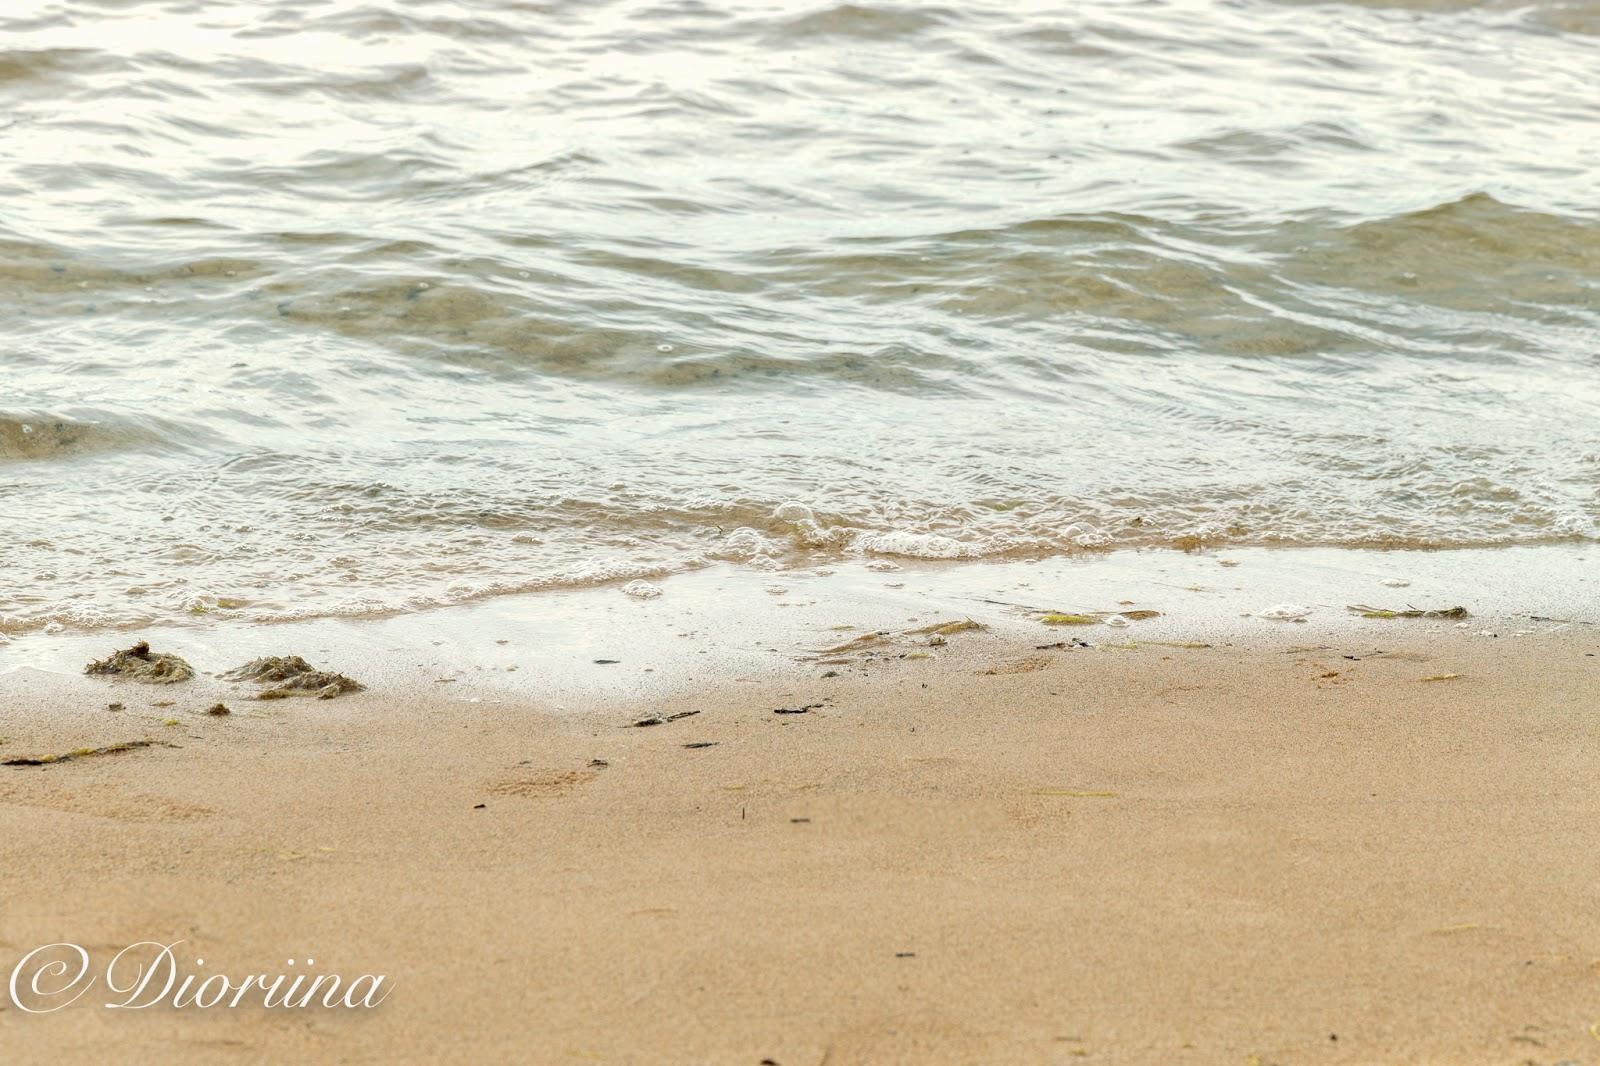 meren ranta